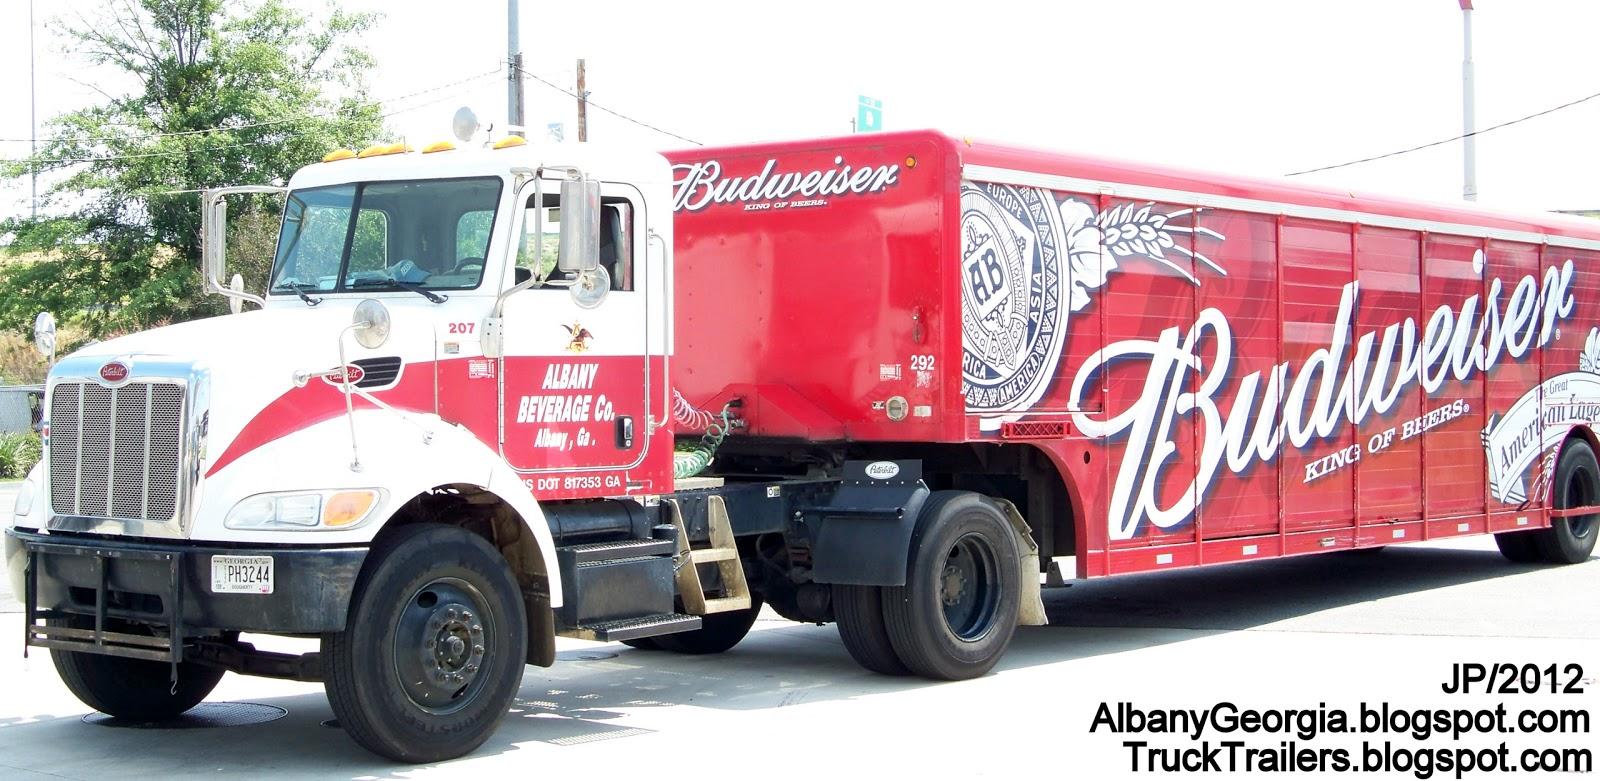 Albany Georgia Food Truck